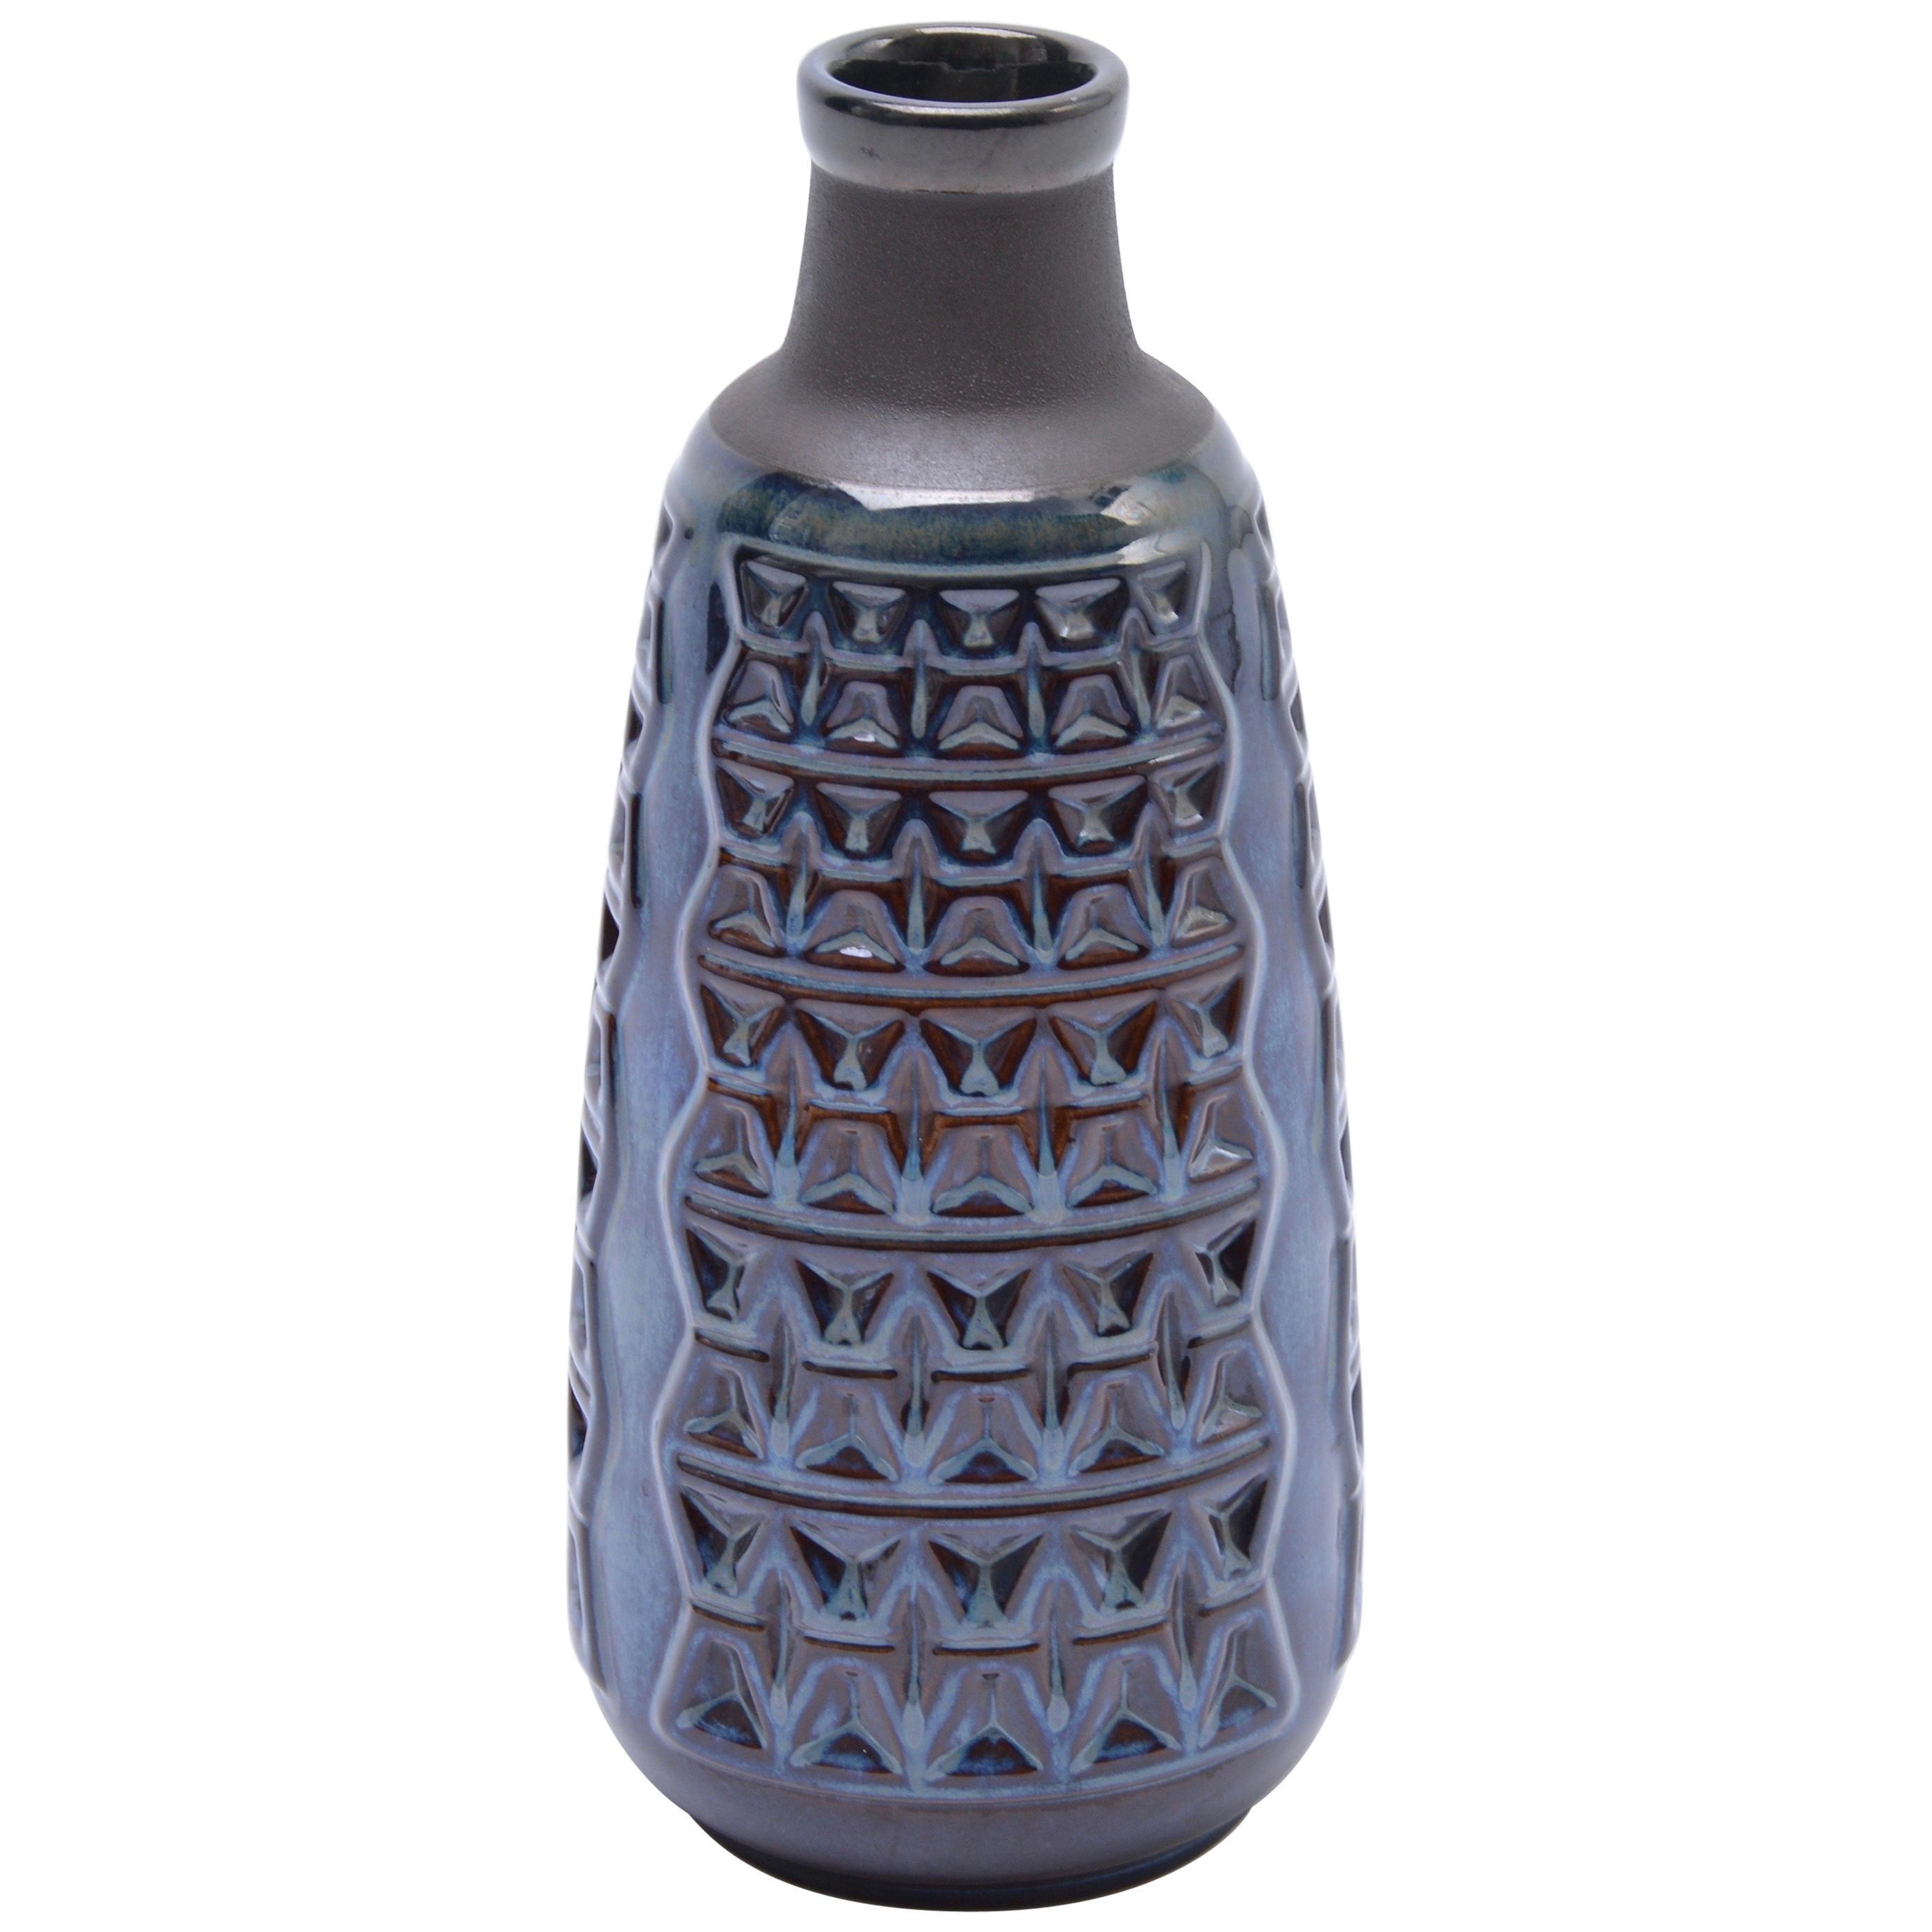 Blue Danish Mid-Century Modern stoneware vase by Einar Johansen for Soholm